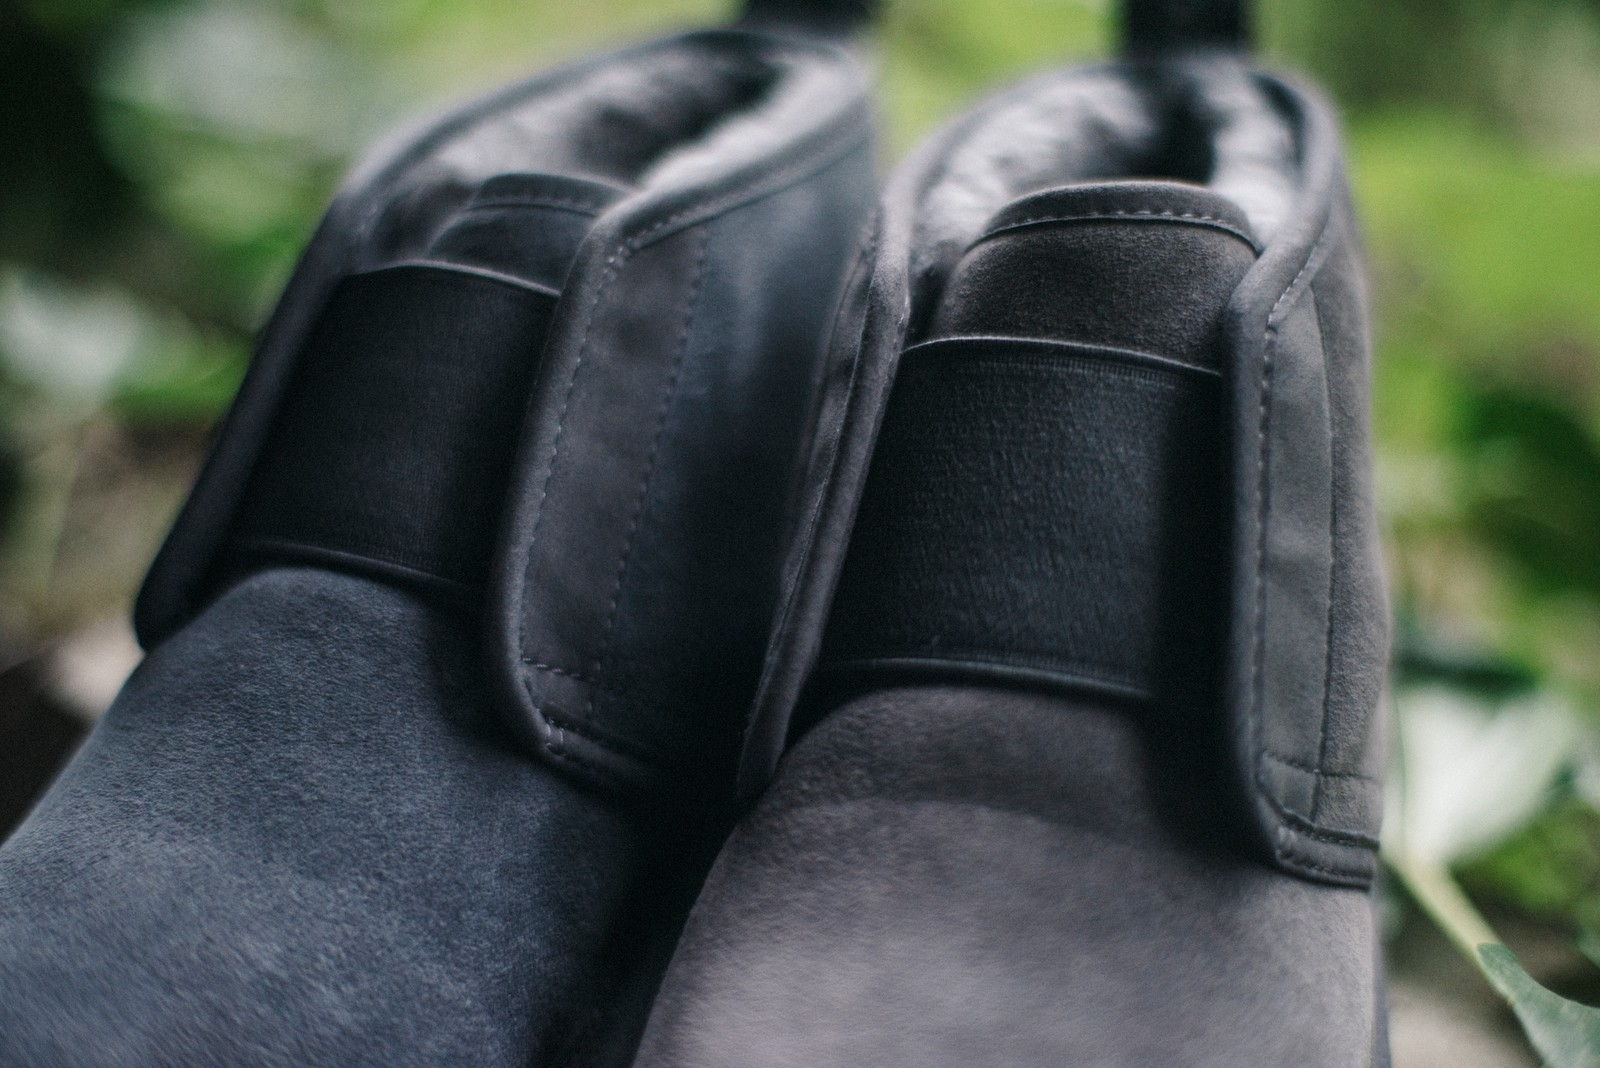 UGG® アグ よりチャッカブーツの Neumel を軸に据えた2019年秋冬新作コレクションが登場 ルカ ブーツ